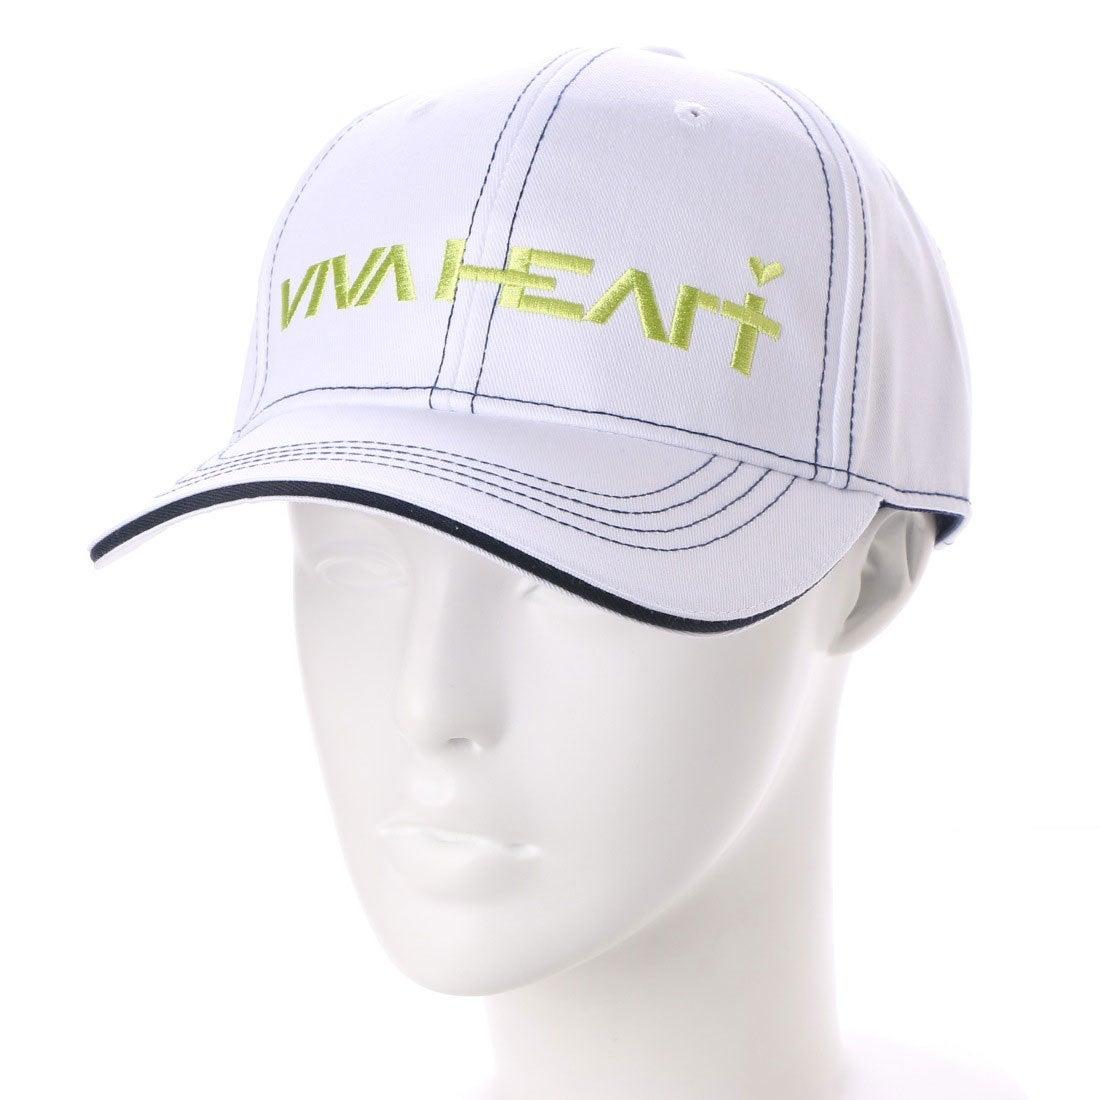 【SALE 30%OFF】ビバハート VIVA HEART メンズ ゴルフ キャップ 綿ツイルキャップ 013-55231 メンズ